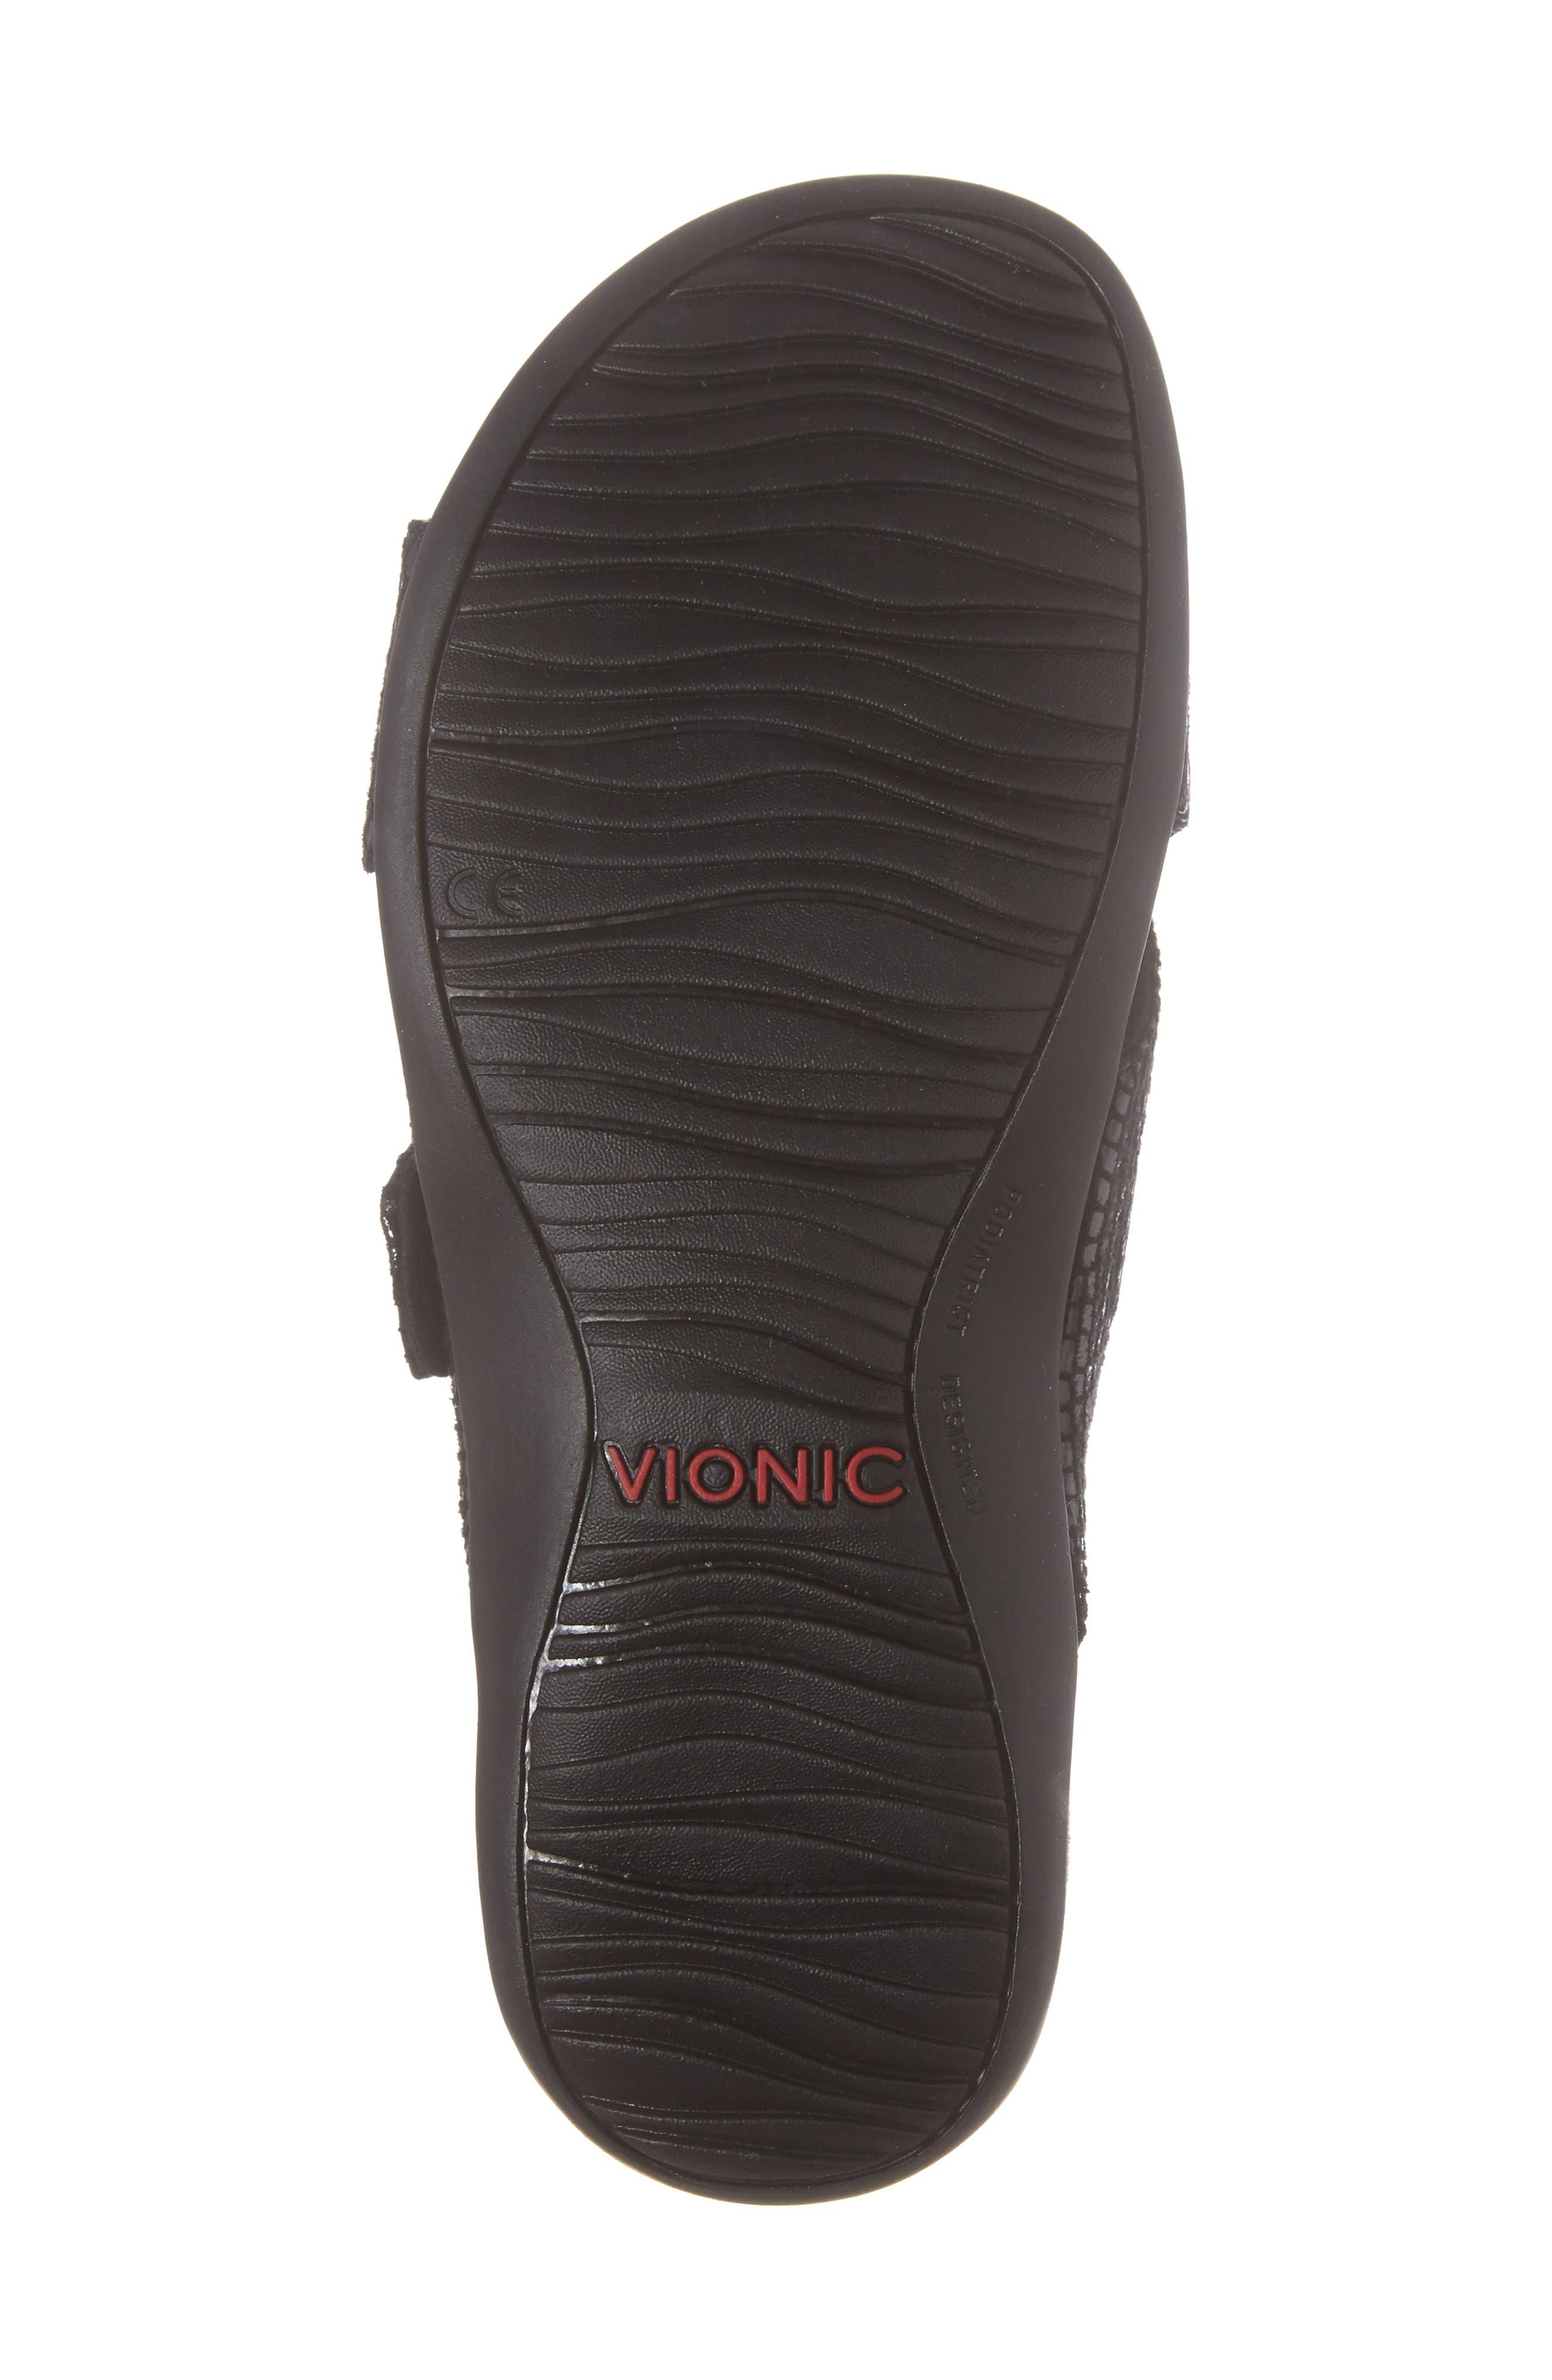 Dorie Cross Strap Slide Sandal,                             Alternate thumbnail 6, color,                             Black Snake Faux Leather